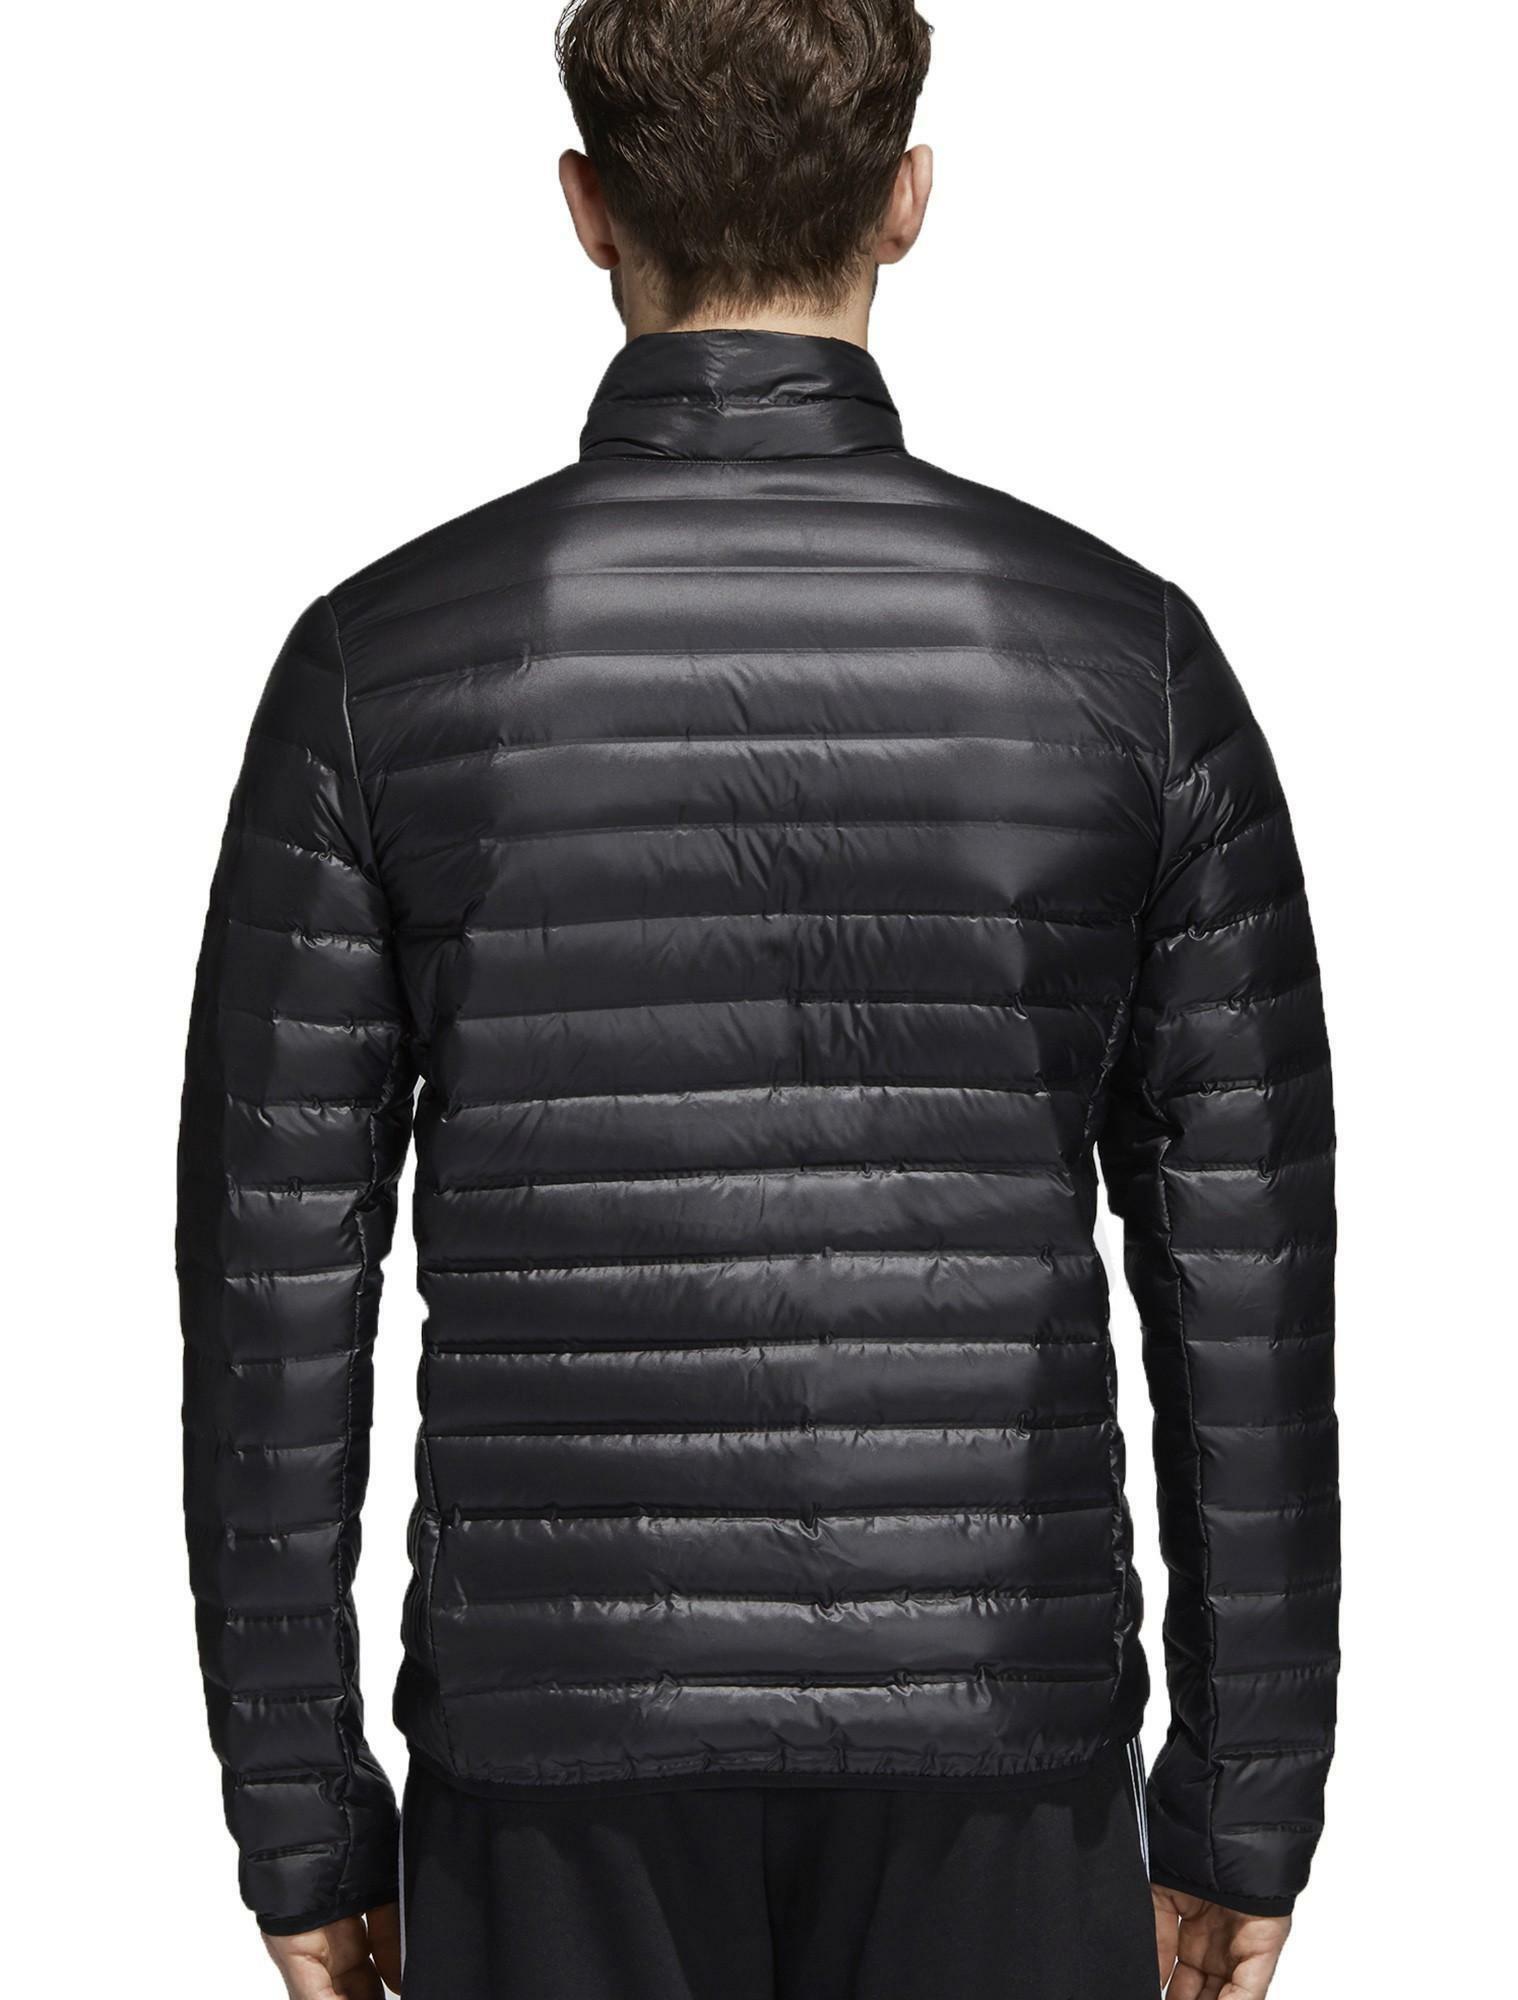 adidas adidas w varilite giacca piumino 100 grammi uomo nero bs1588